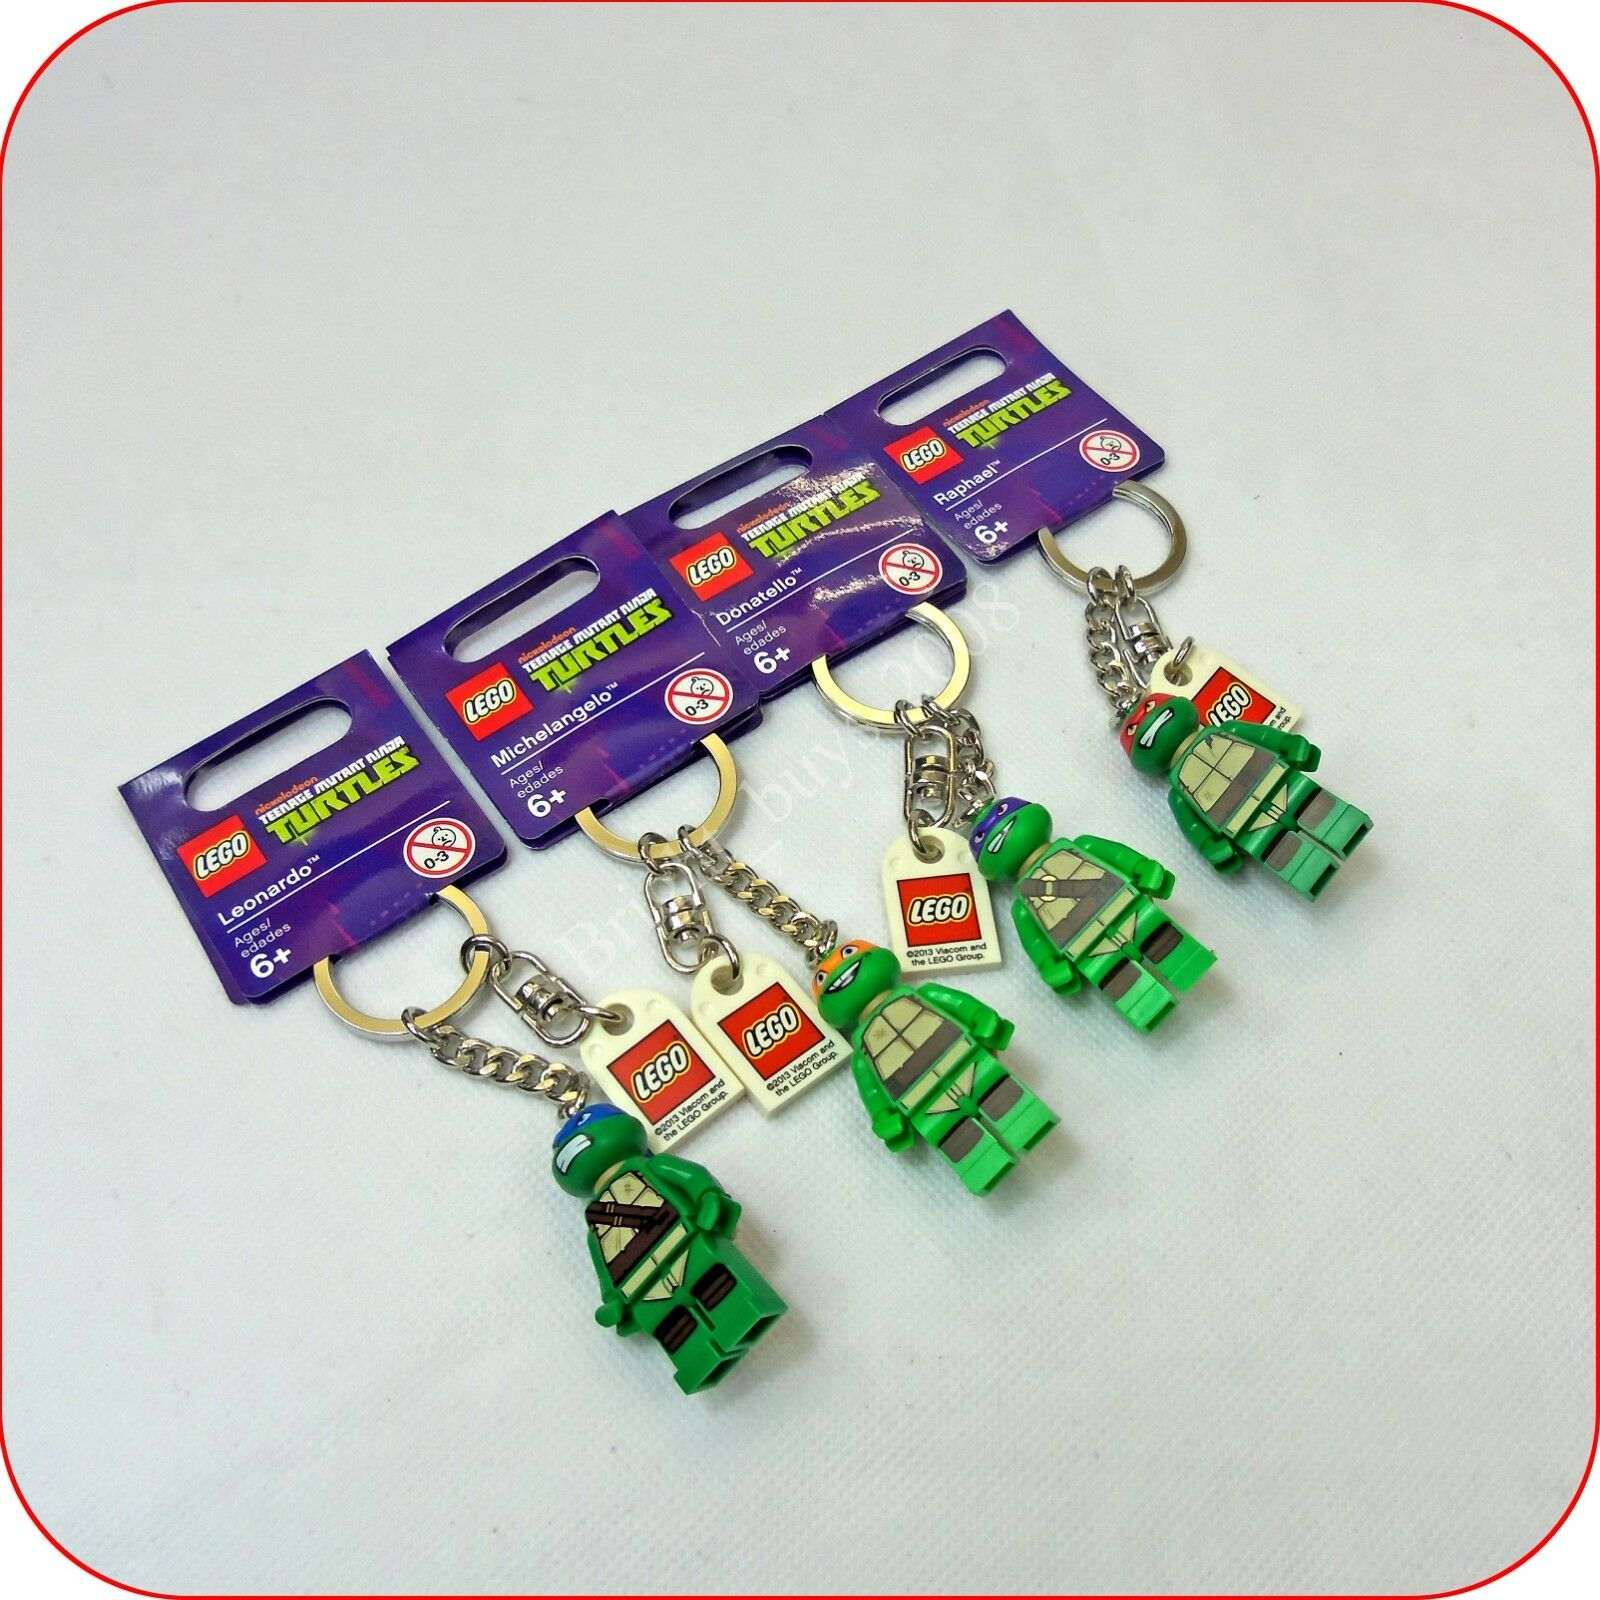 Lego Teenage Mutant Ninja Turtles keychains key ring full set New Genuine Rare